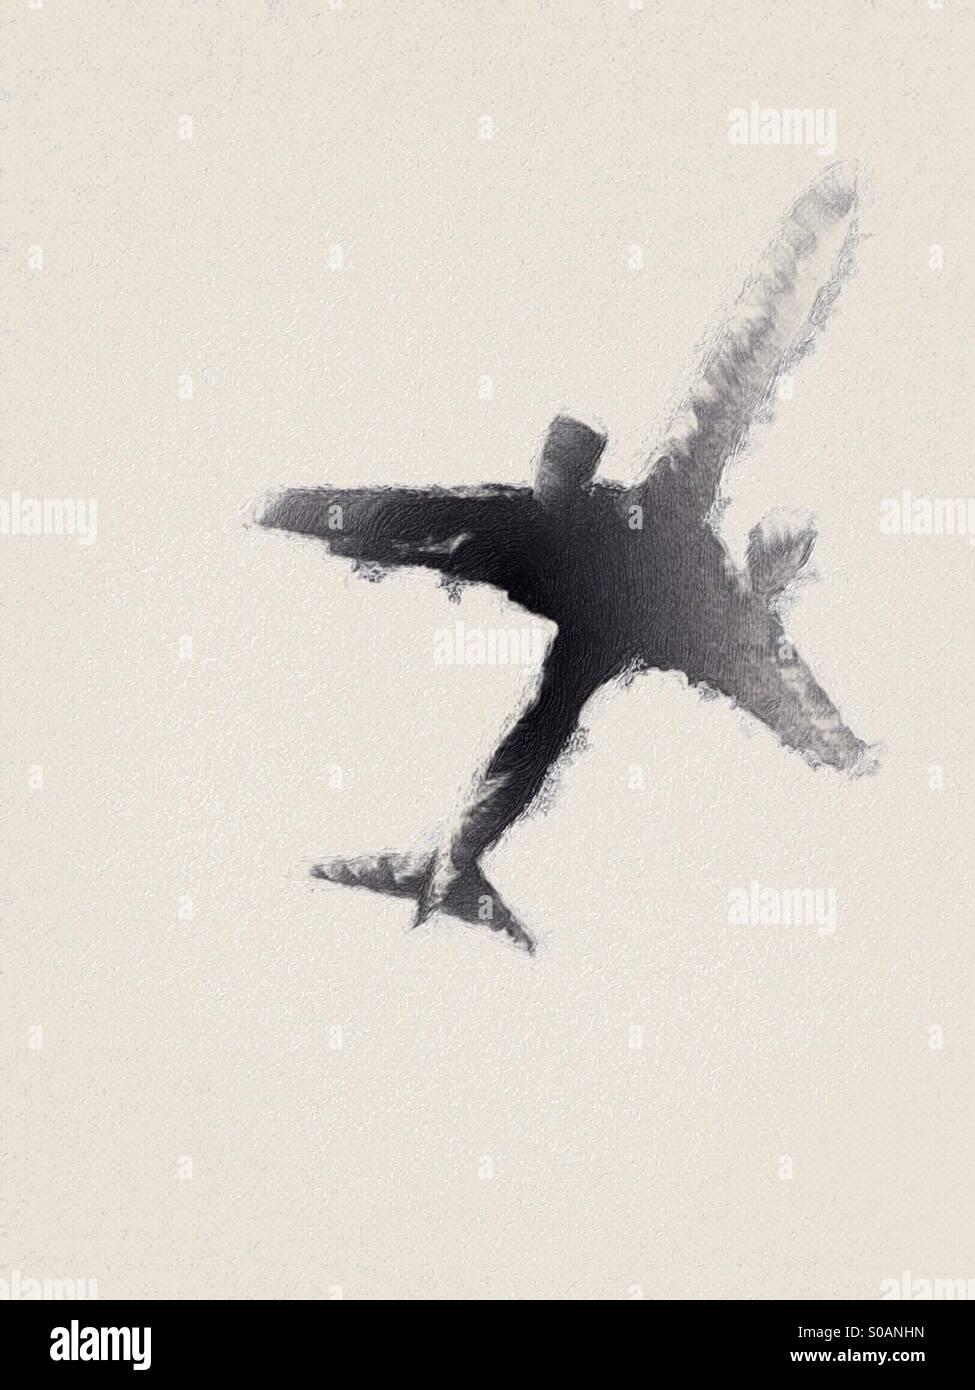 Style abstrait illustration d'un passager volant à basse altitude des avions à réaction. Photo Stock